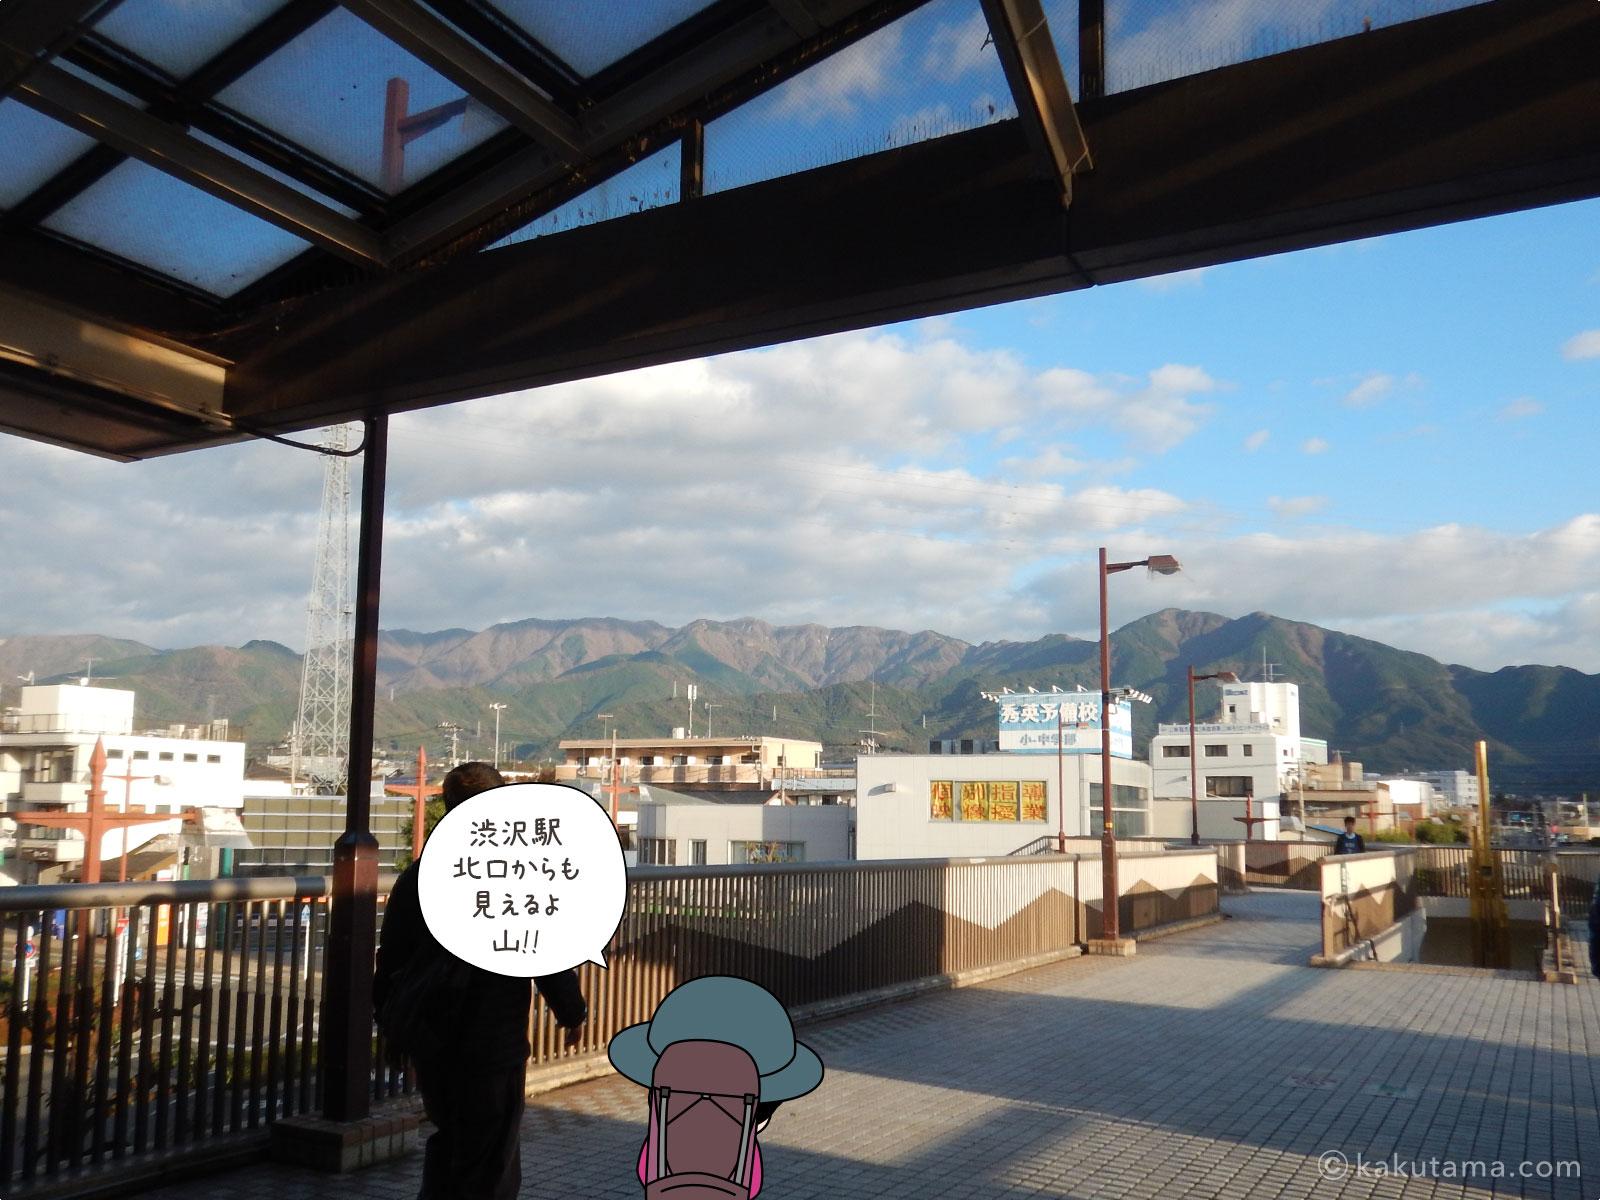 渋沢駅から見る丹沢山地